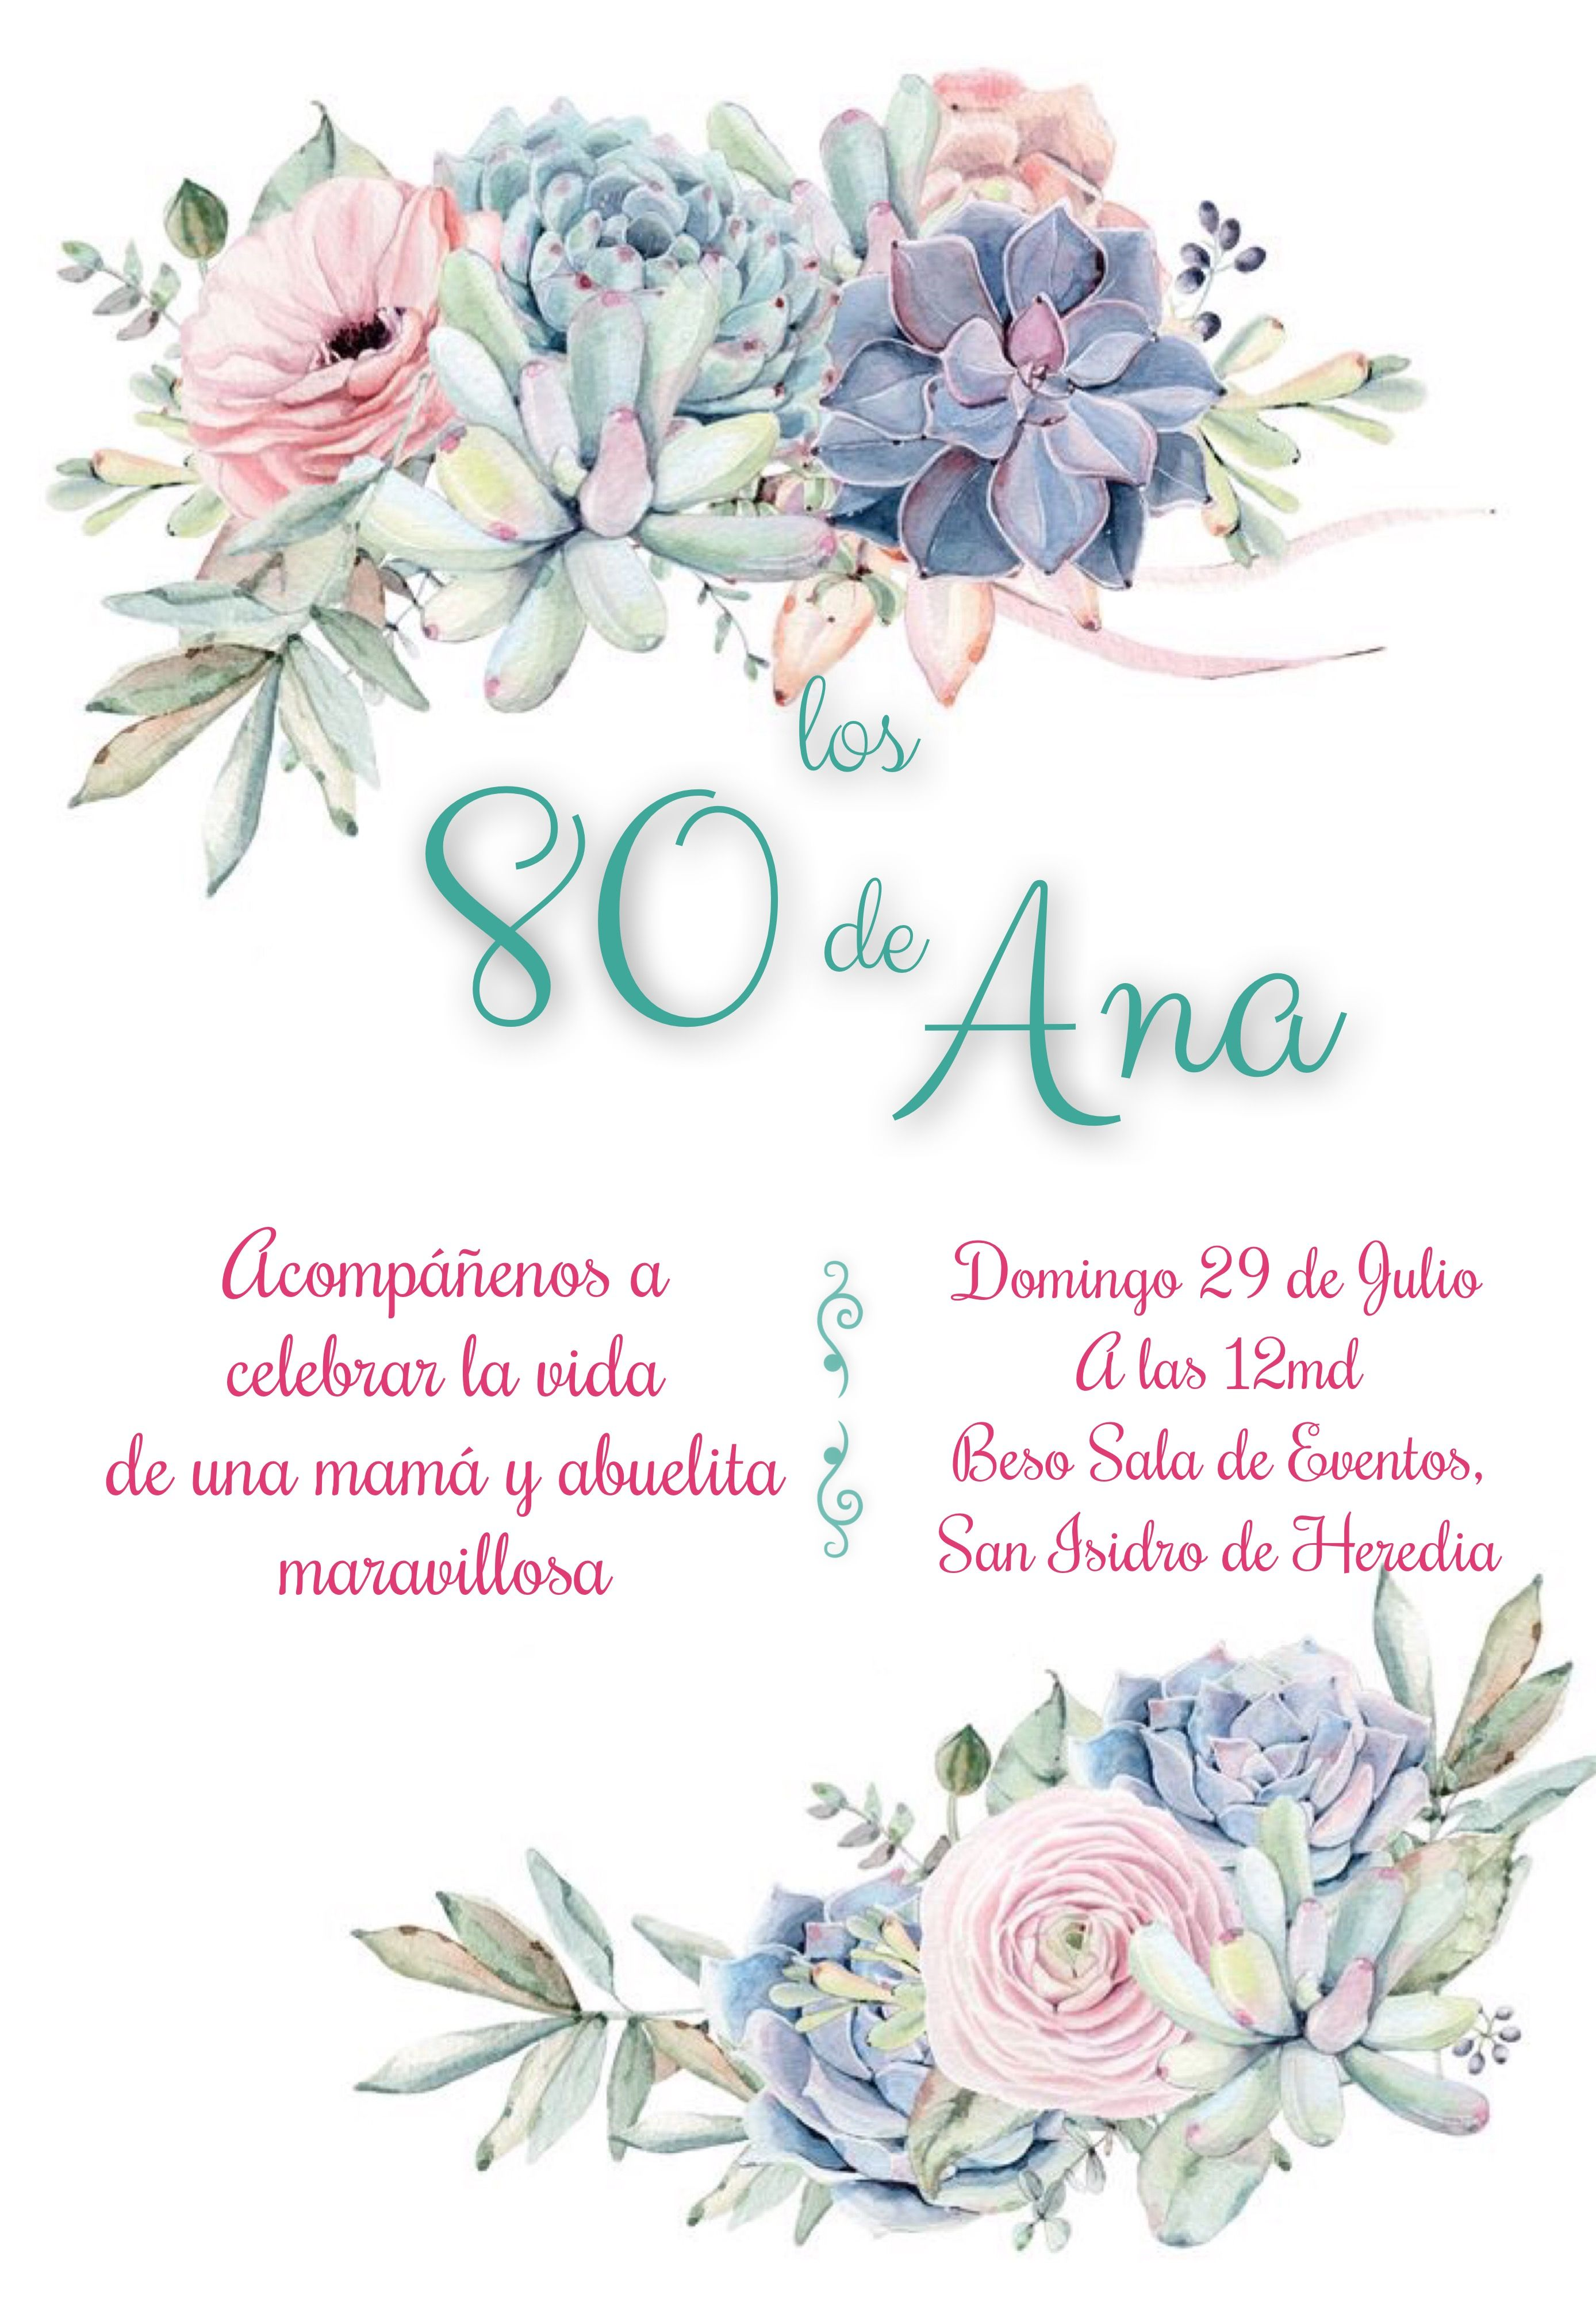 Invitación De 80 Años Tema Suculentas Suculentas Invitación